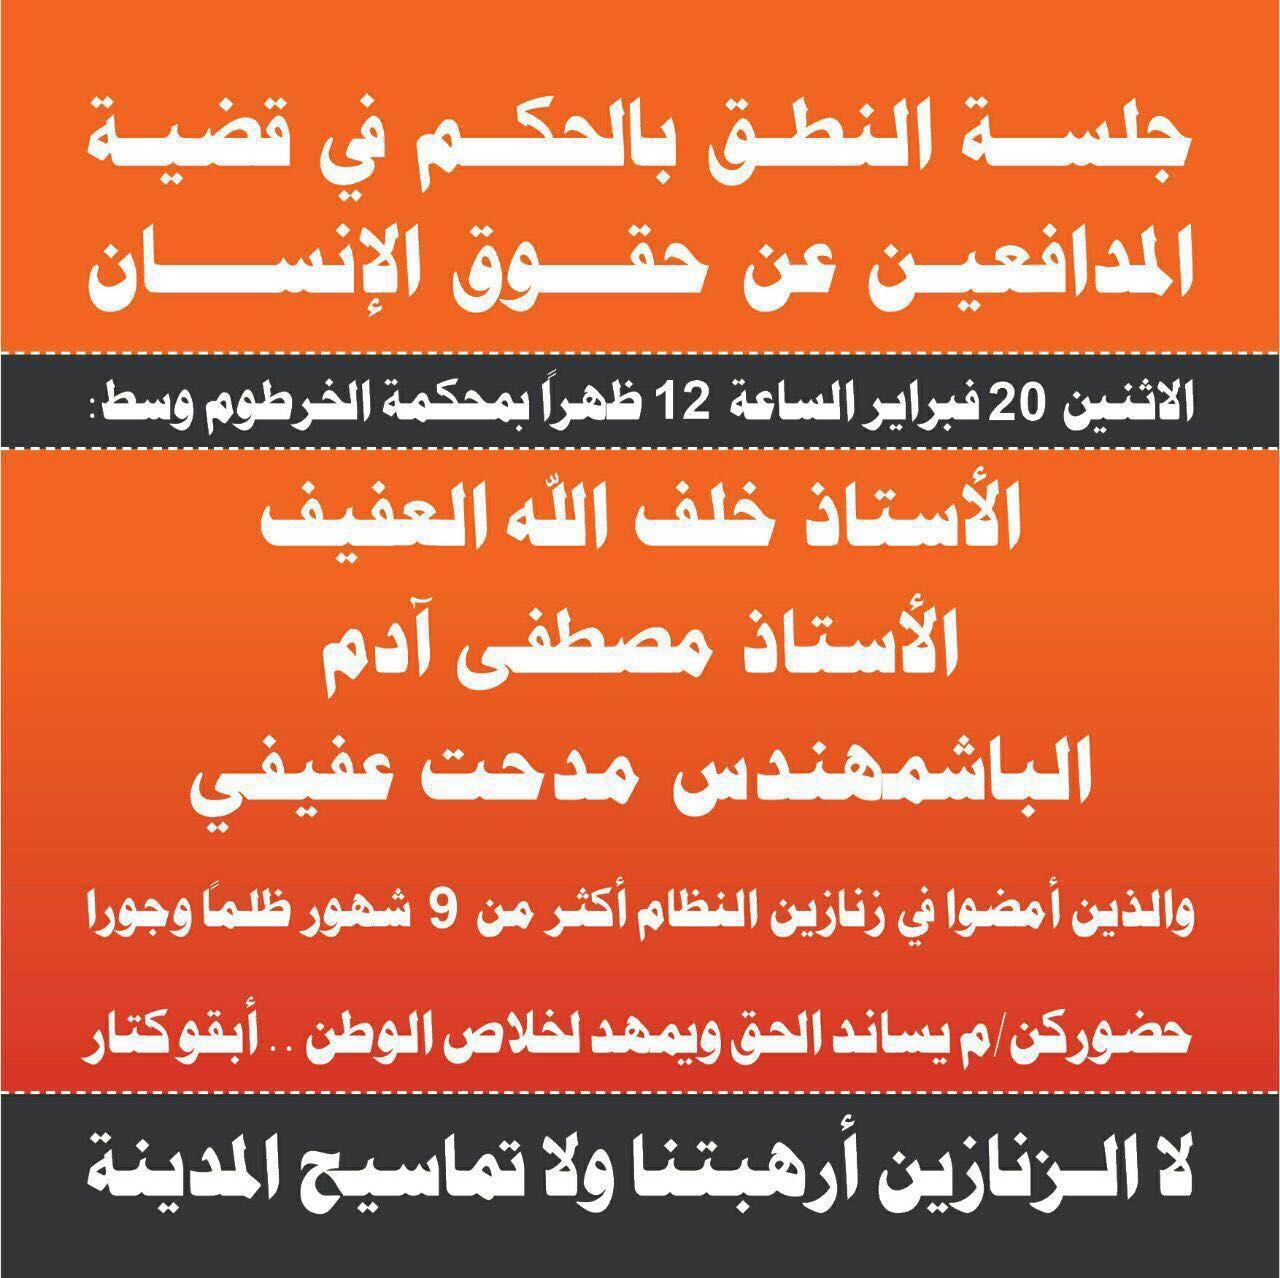 جلسة النطق بالحكم فى قضية المدافعين عن حقوق الانسان الاثنين 20 فبراير الساعة ١٢ ظهراً بمحكمة الخرطوم وسط HumanRights